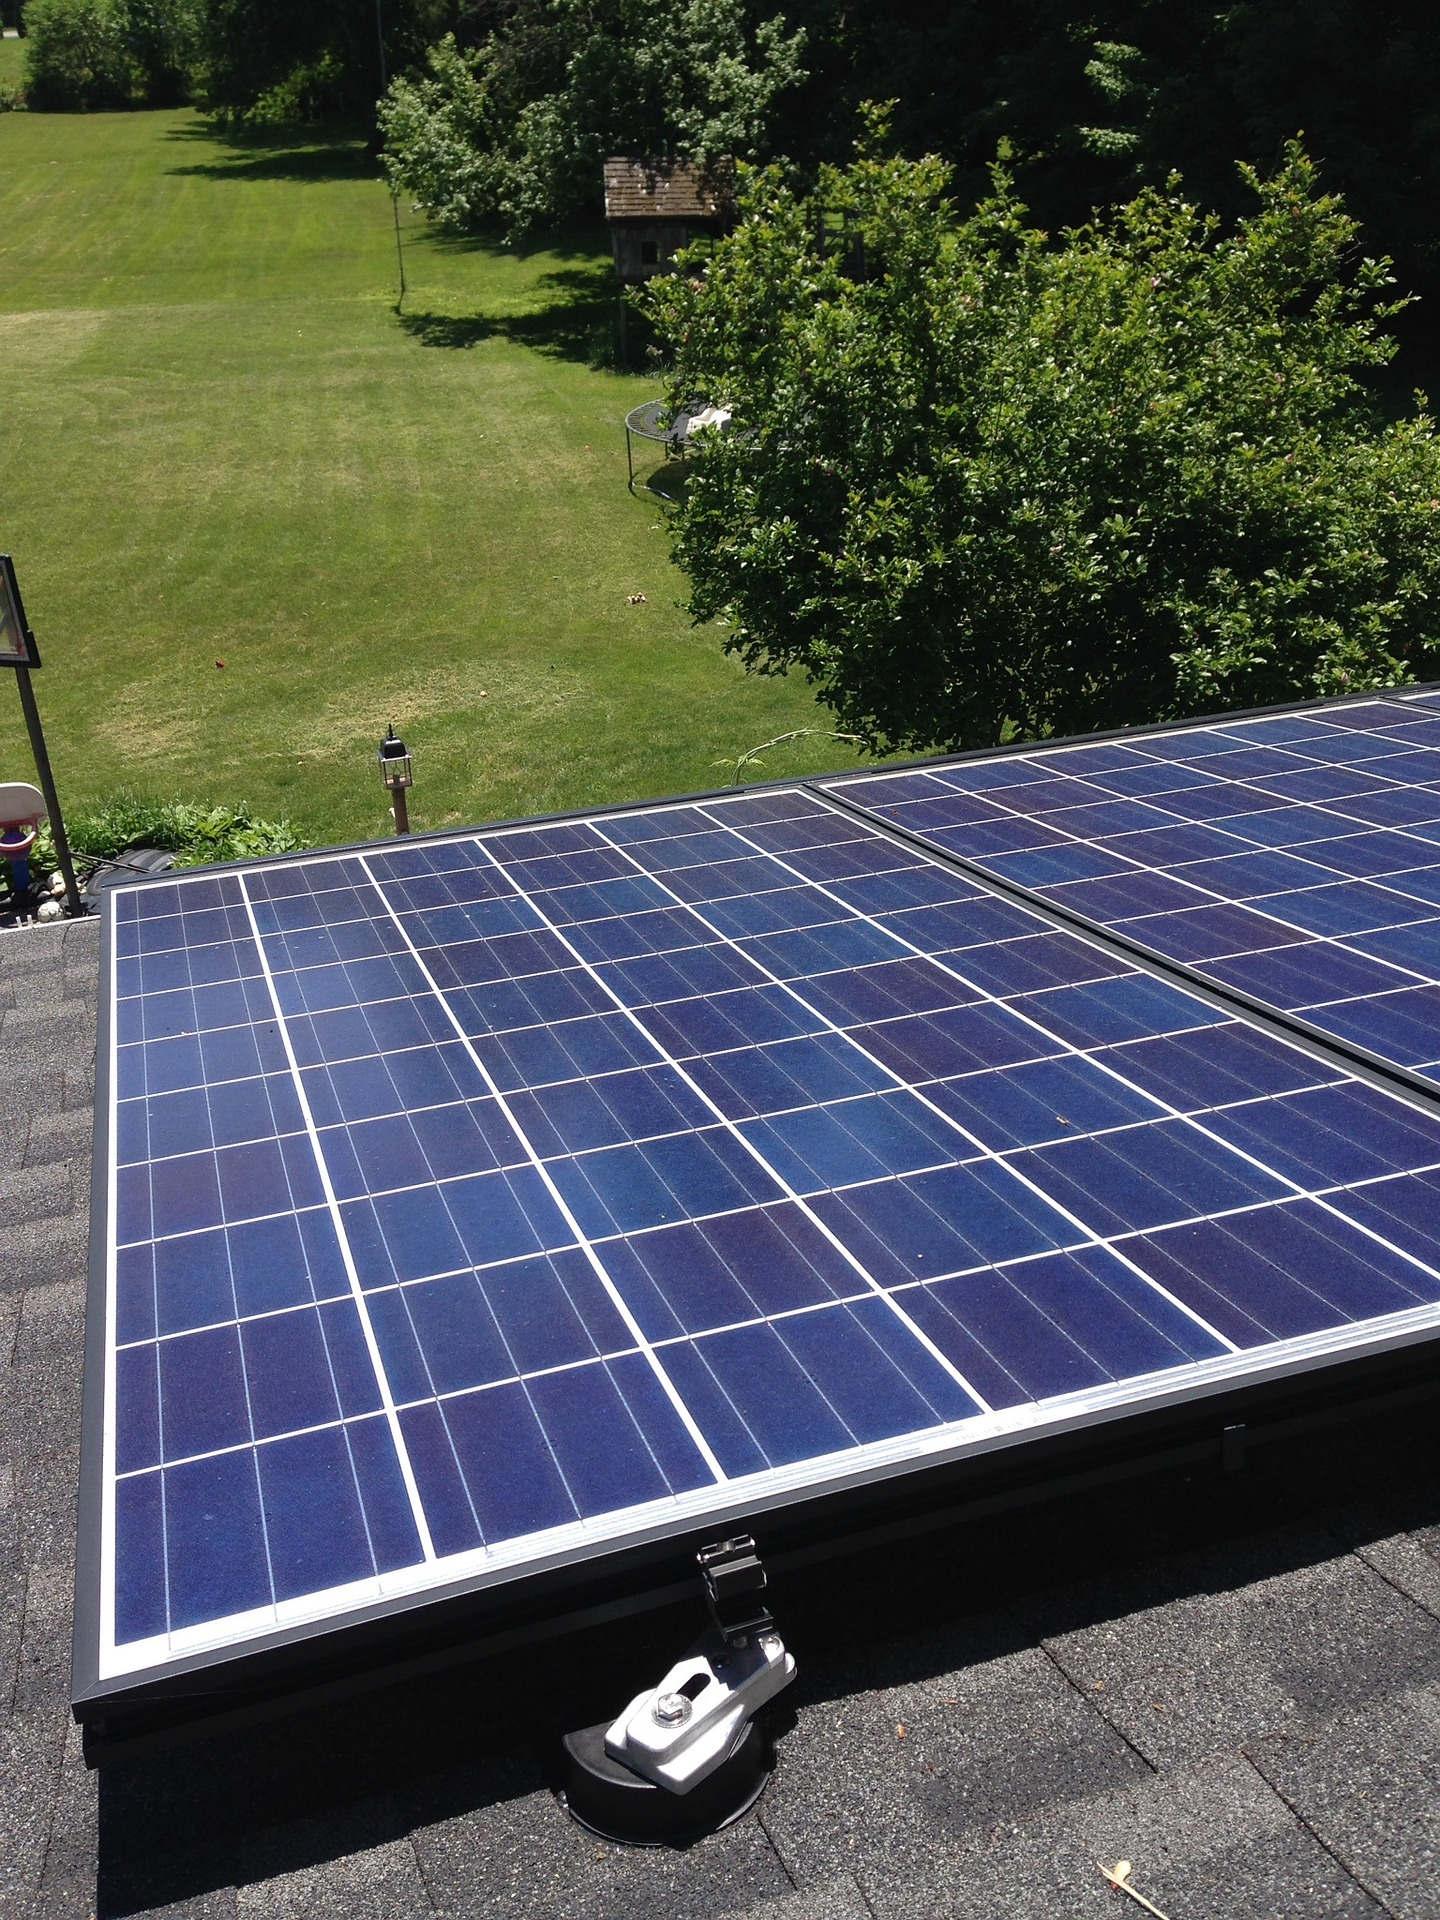 Untersuchung der Kreisliegenschaften bezüglich einer Eignung von Dächern, Fassaden und Parkplätzen für eine Solarenergienutzung